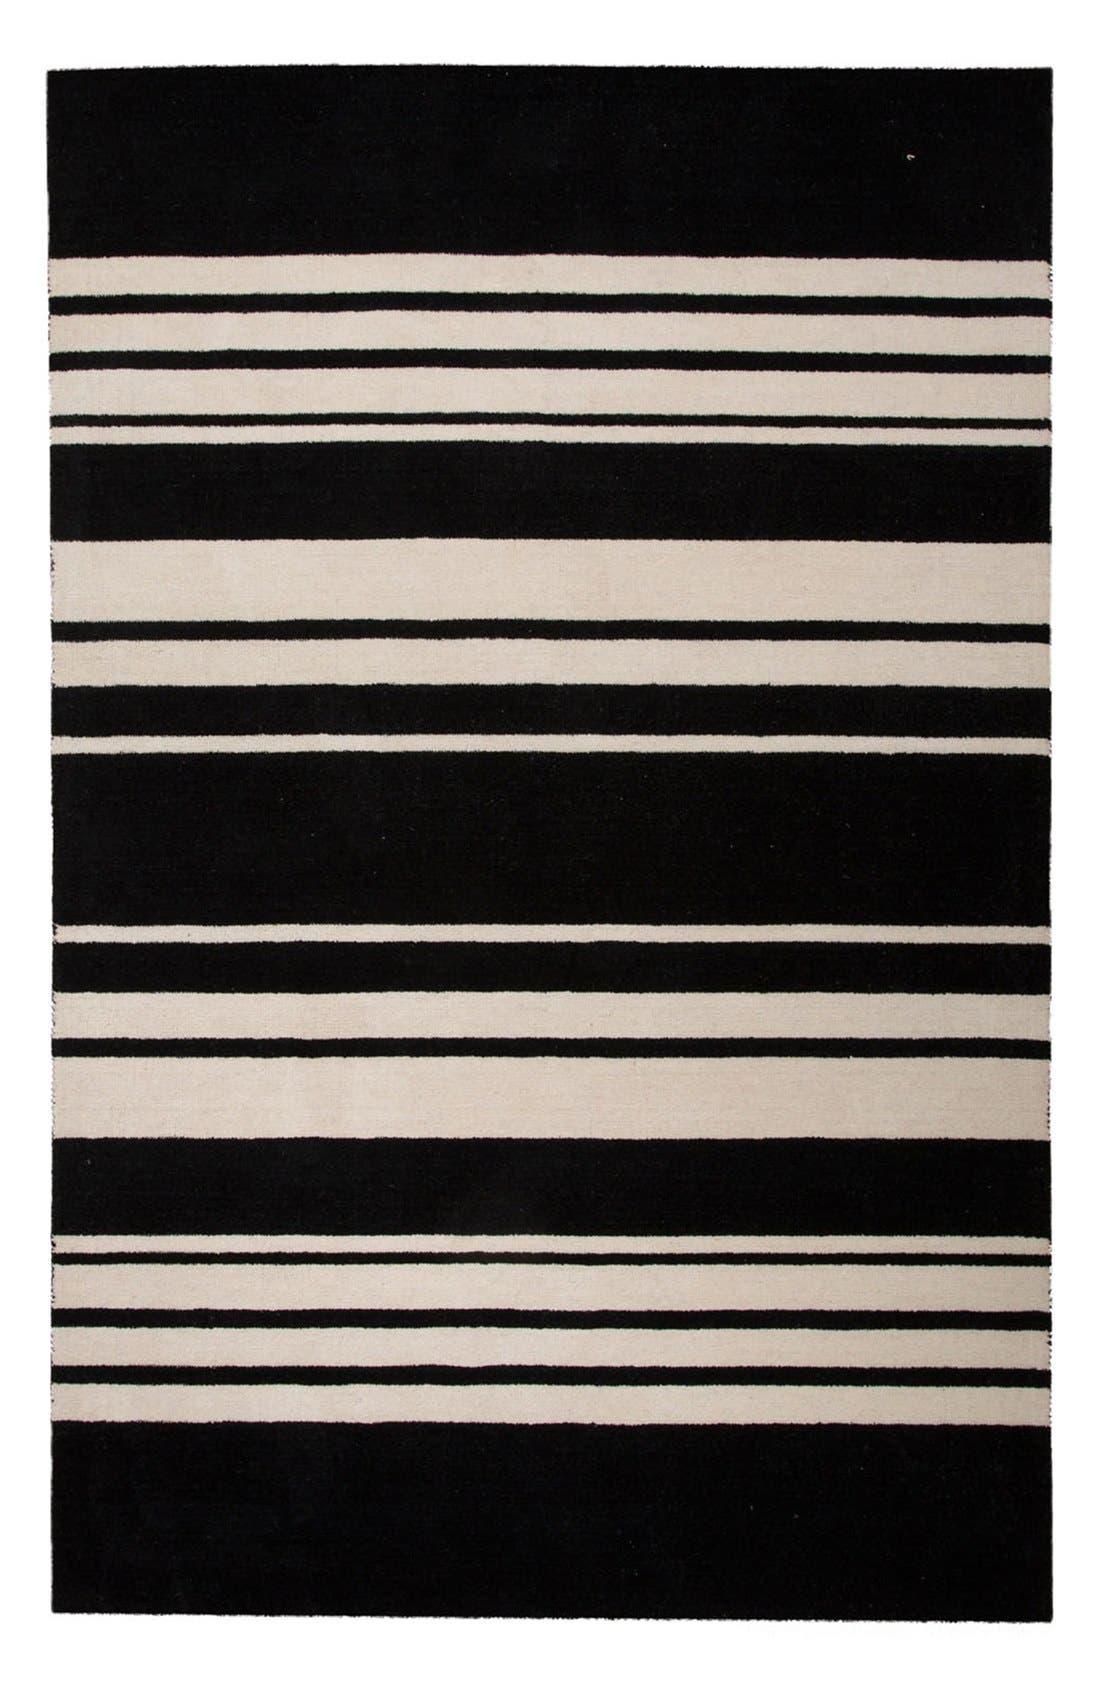 kate spade new york 'astor stripe' wool rug